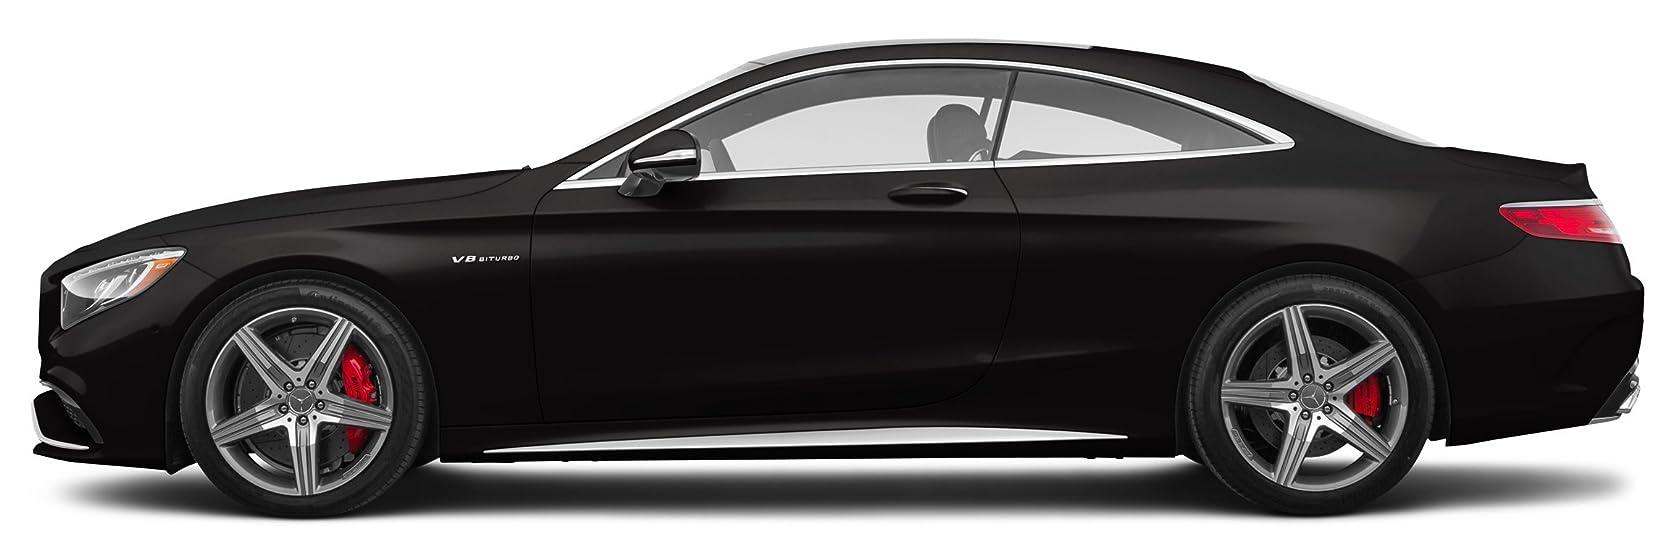 Amazon.com: 2017 Mercedes-Benz S63 AMG reseñas, imágenes y ...